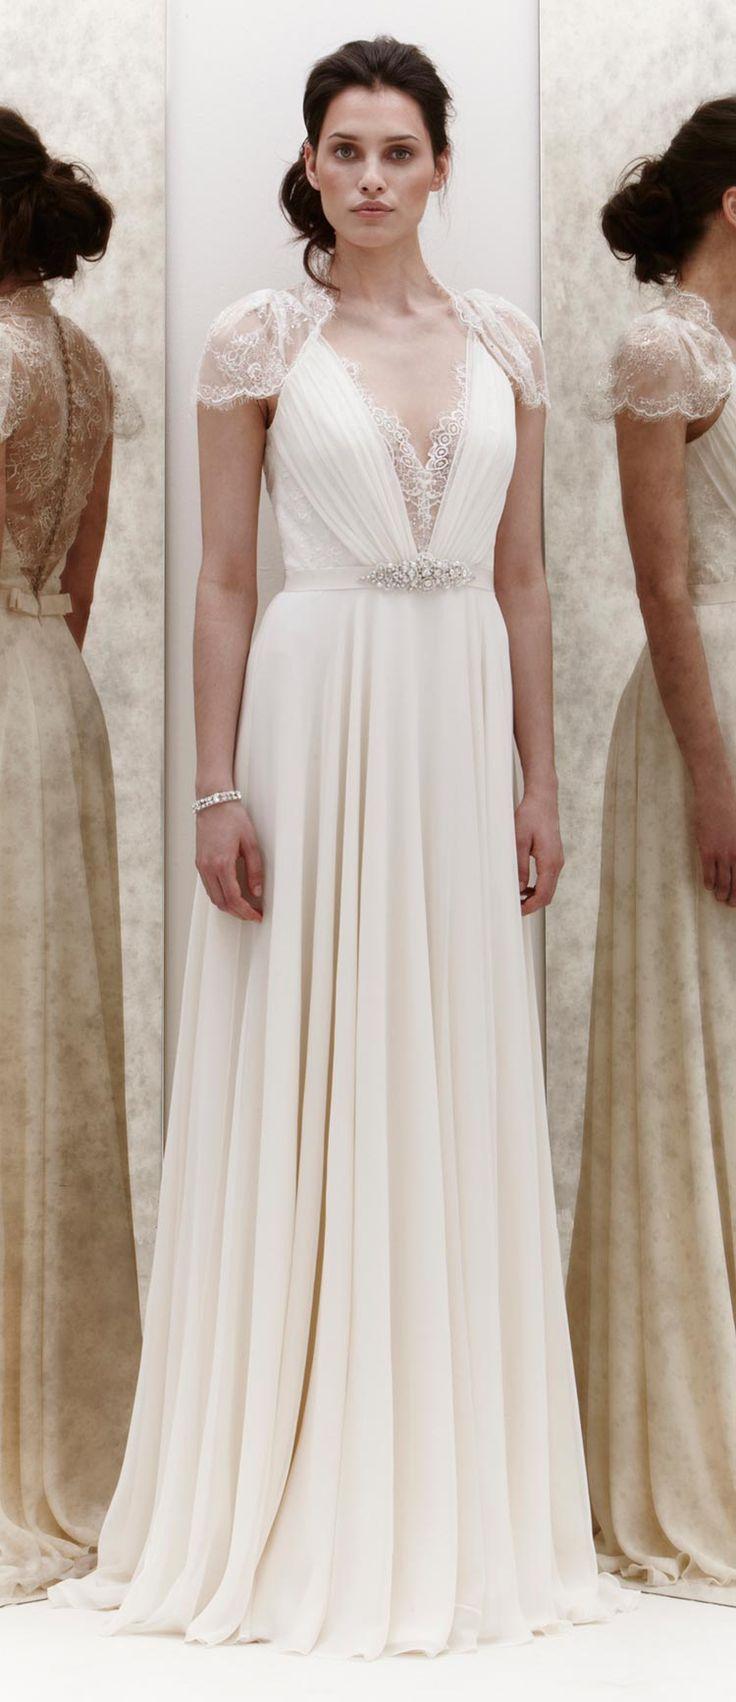 ジェニー・パッカム   JENNY PACKHAM   ウェディングドレス   THE TREAT DRESSING 【トリートドレッシング】